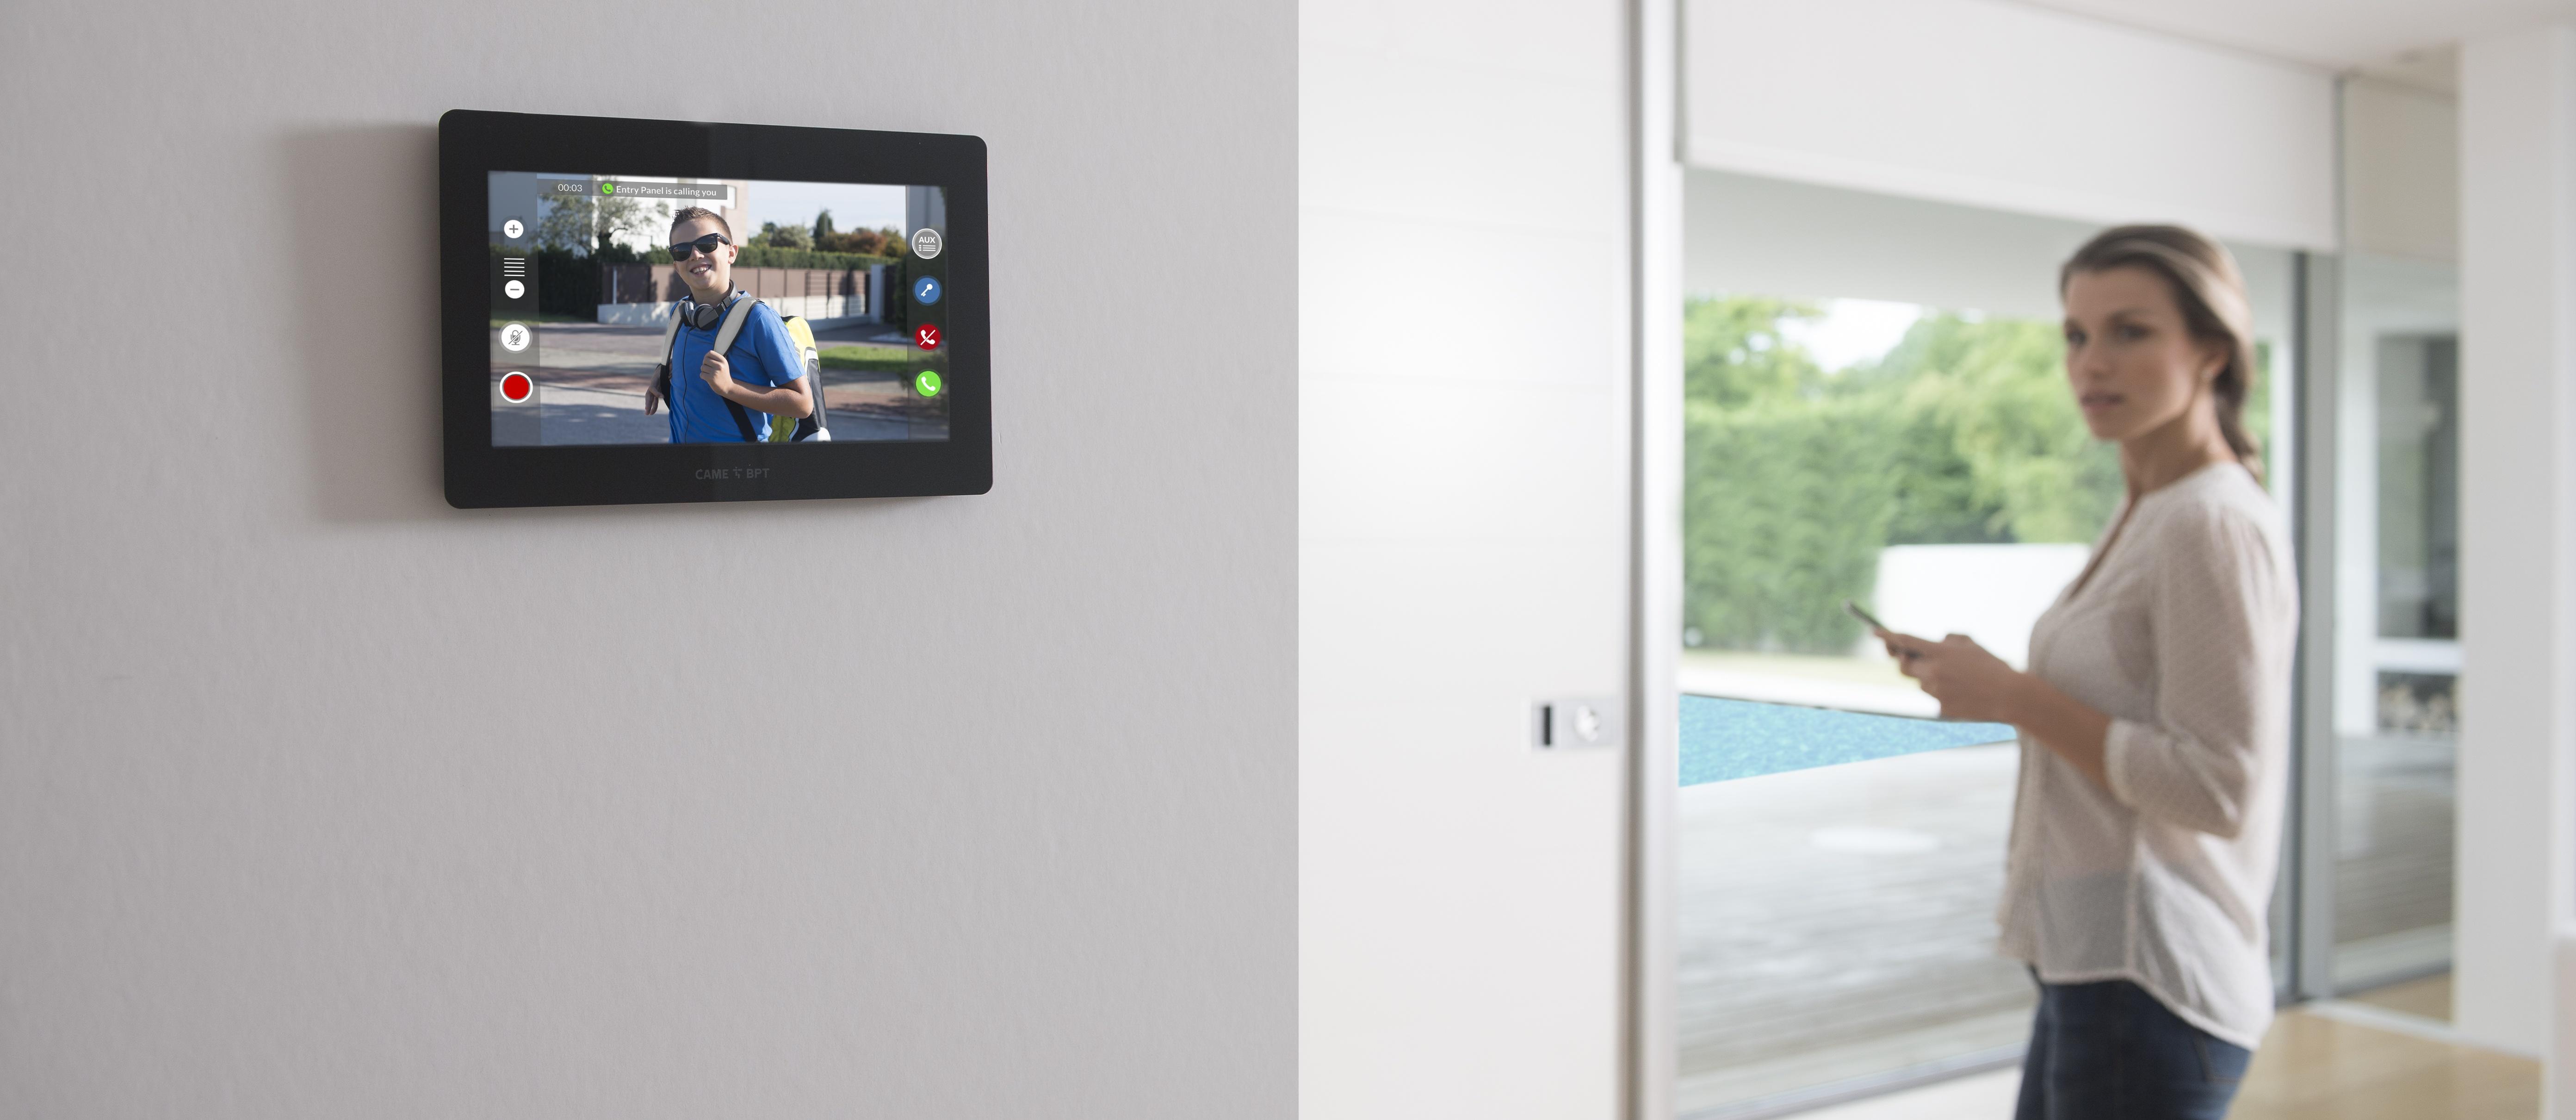 Абонентское устройство для видеодомофона с сенсорным дисплеем